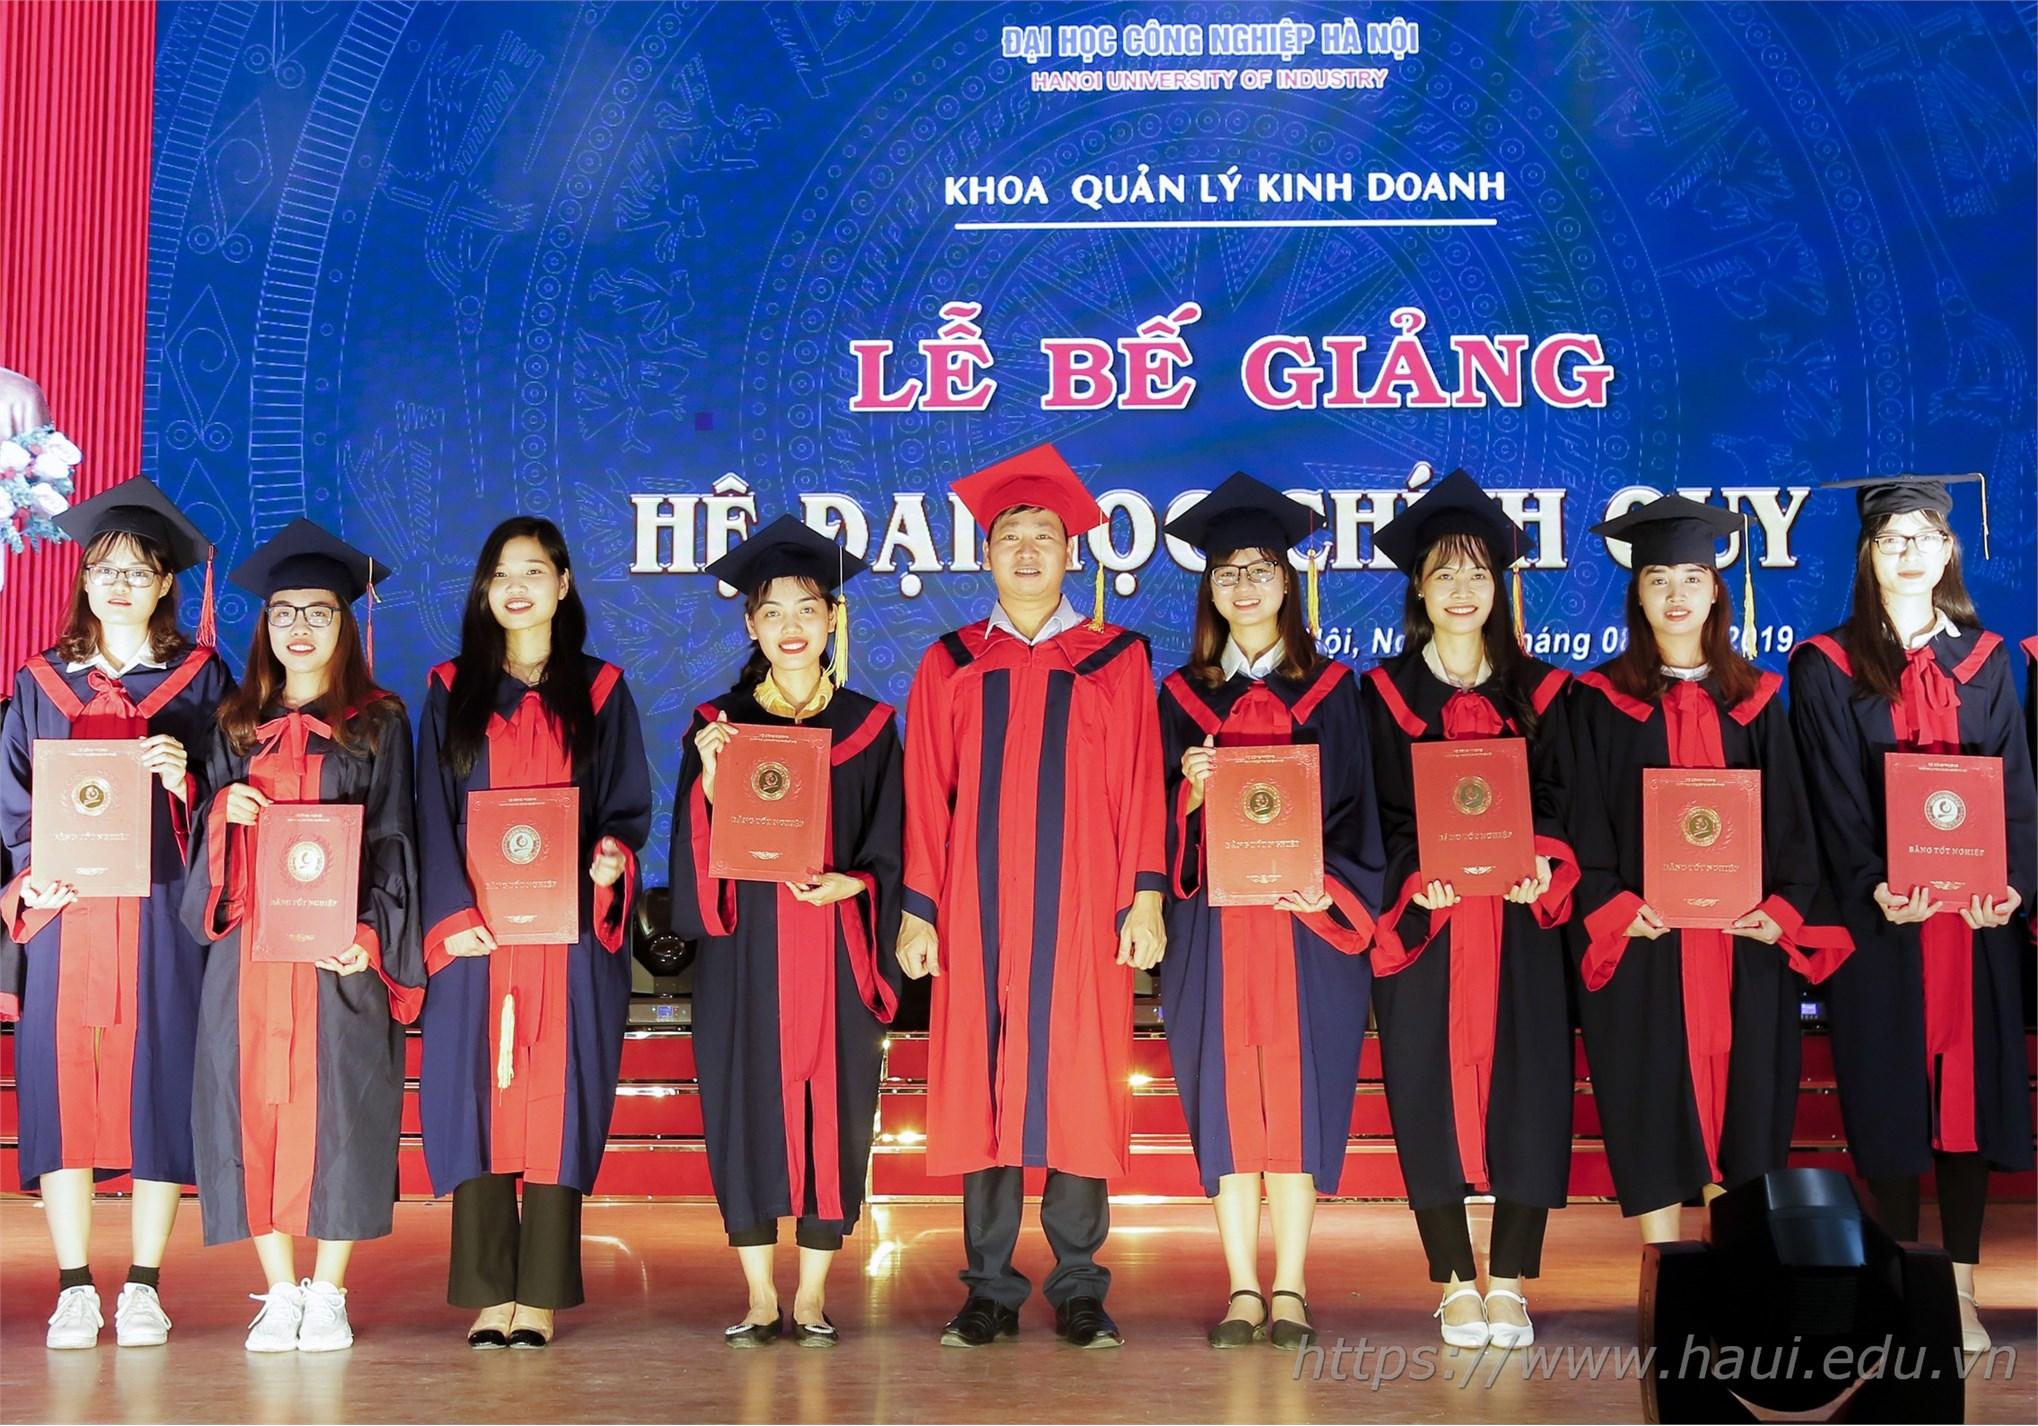 Tân cử nhân khoa Quản lý Kinh doanh, Đại học Công nghiệp Hà Nội tốt nghiệp với tấm bằng loại giỏi